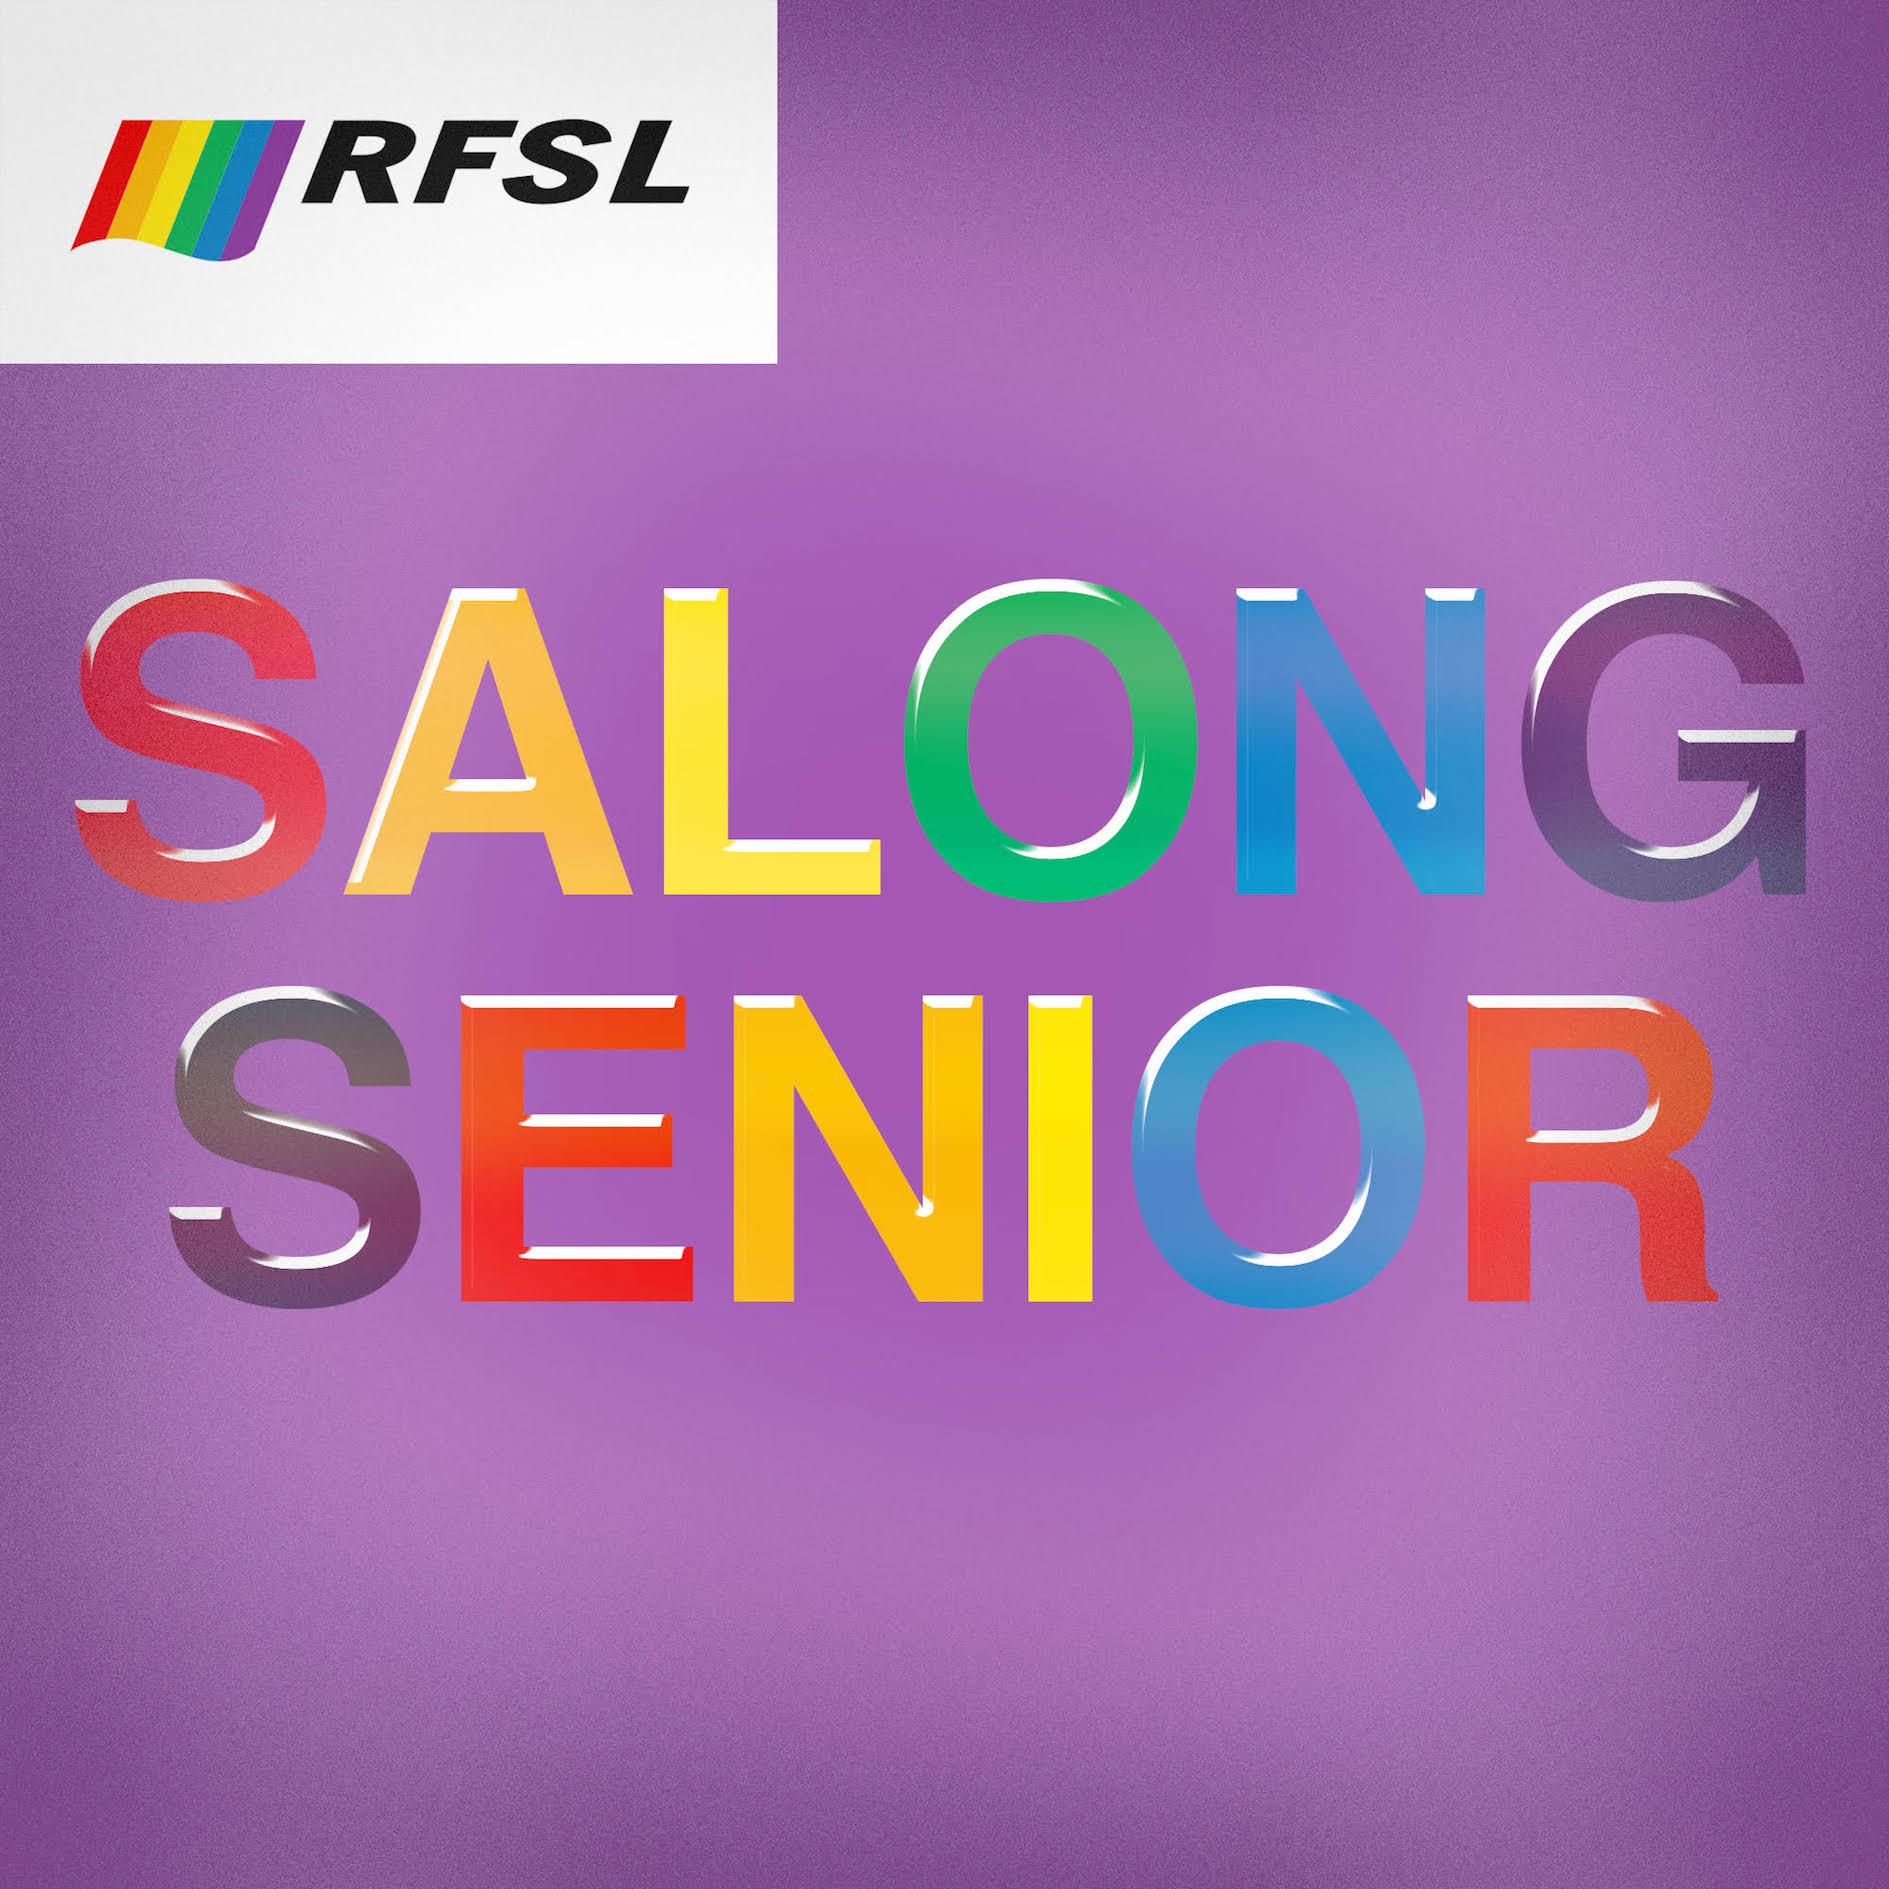 Salong Senior 1. Förändring